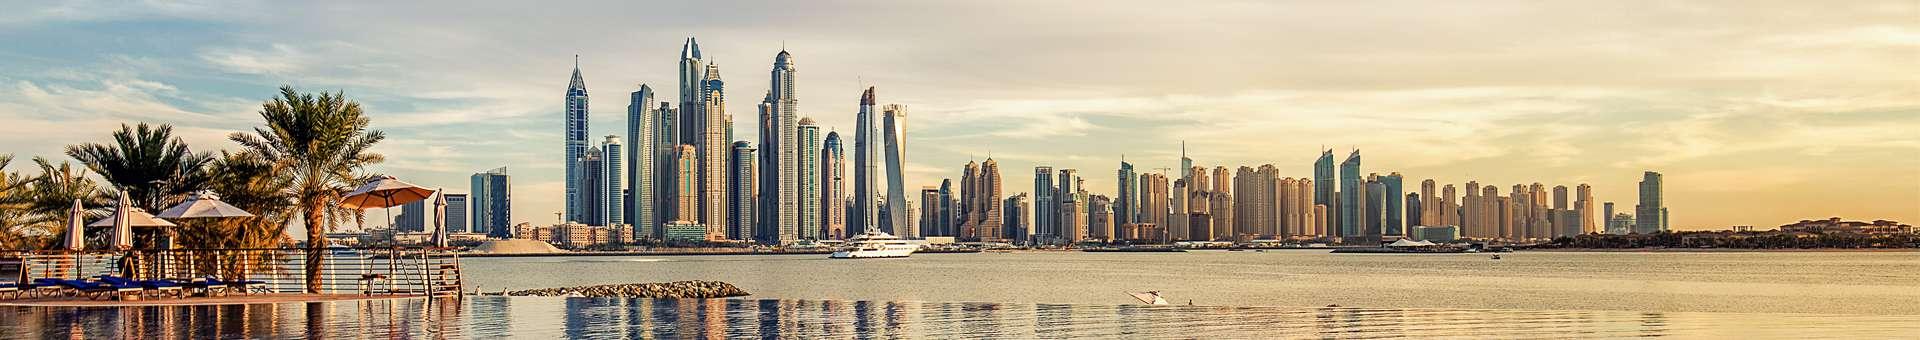 Búsqueda de información Whois de nombres de dominios en Emiratos Árabes Unidos